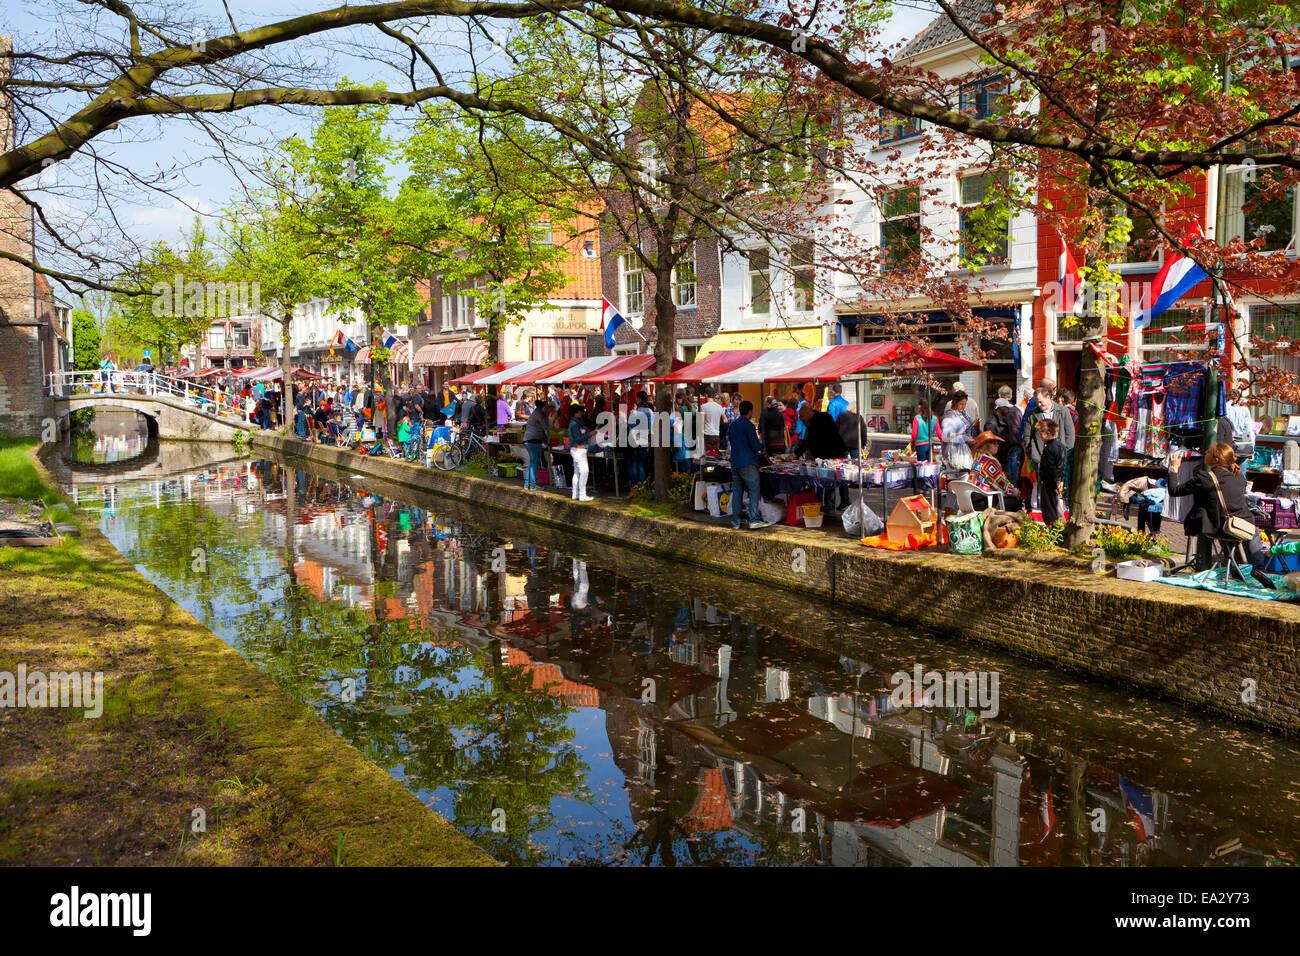 Des Königs Tag Flohmarkt entlang eines Kanals, Delft, Zuid-Holland, Niederlande, Europa Stockbild